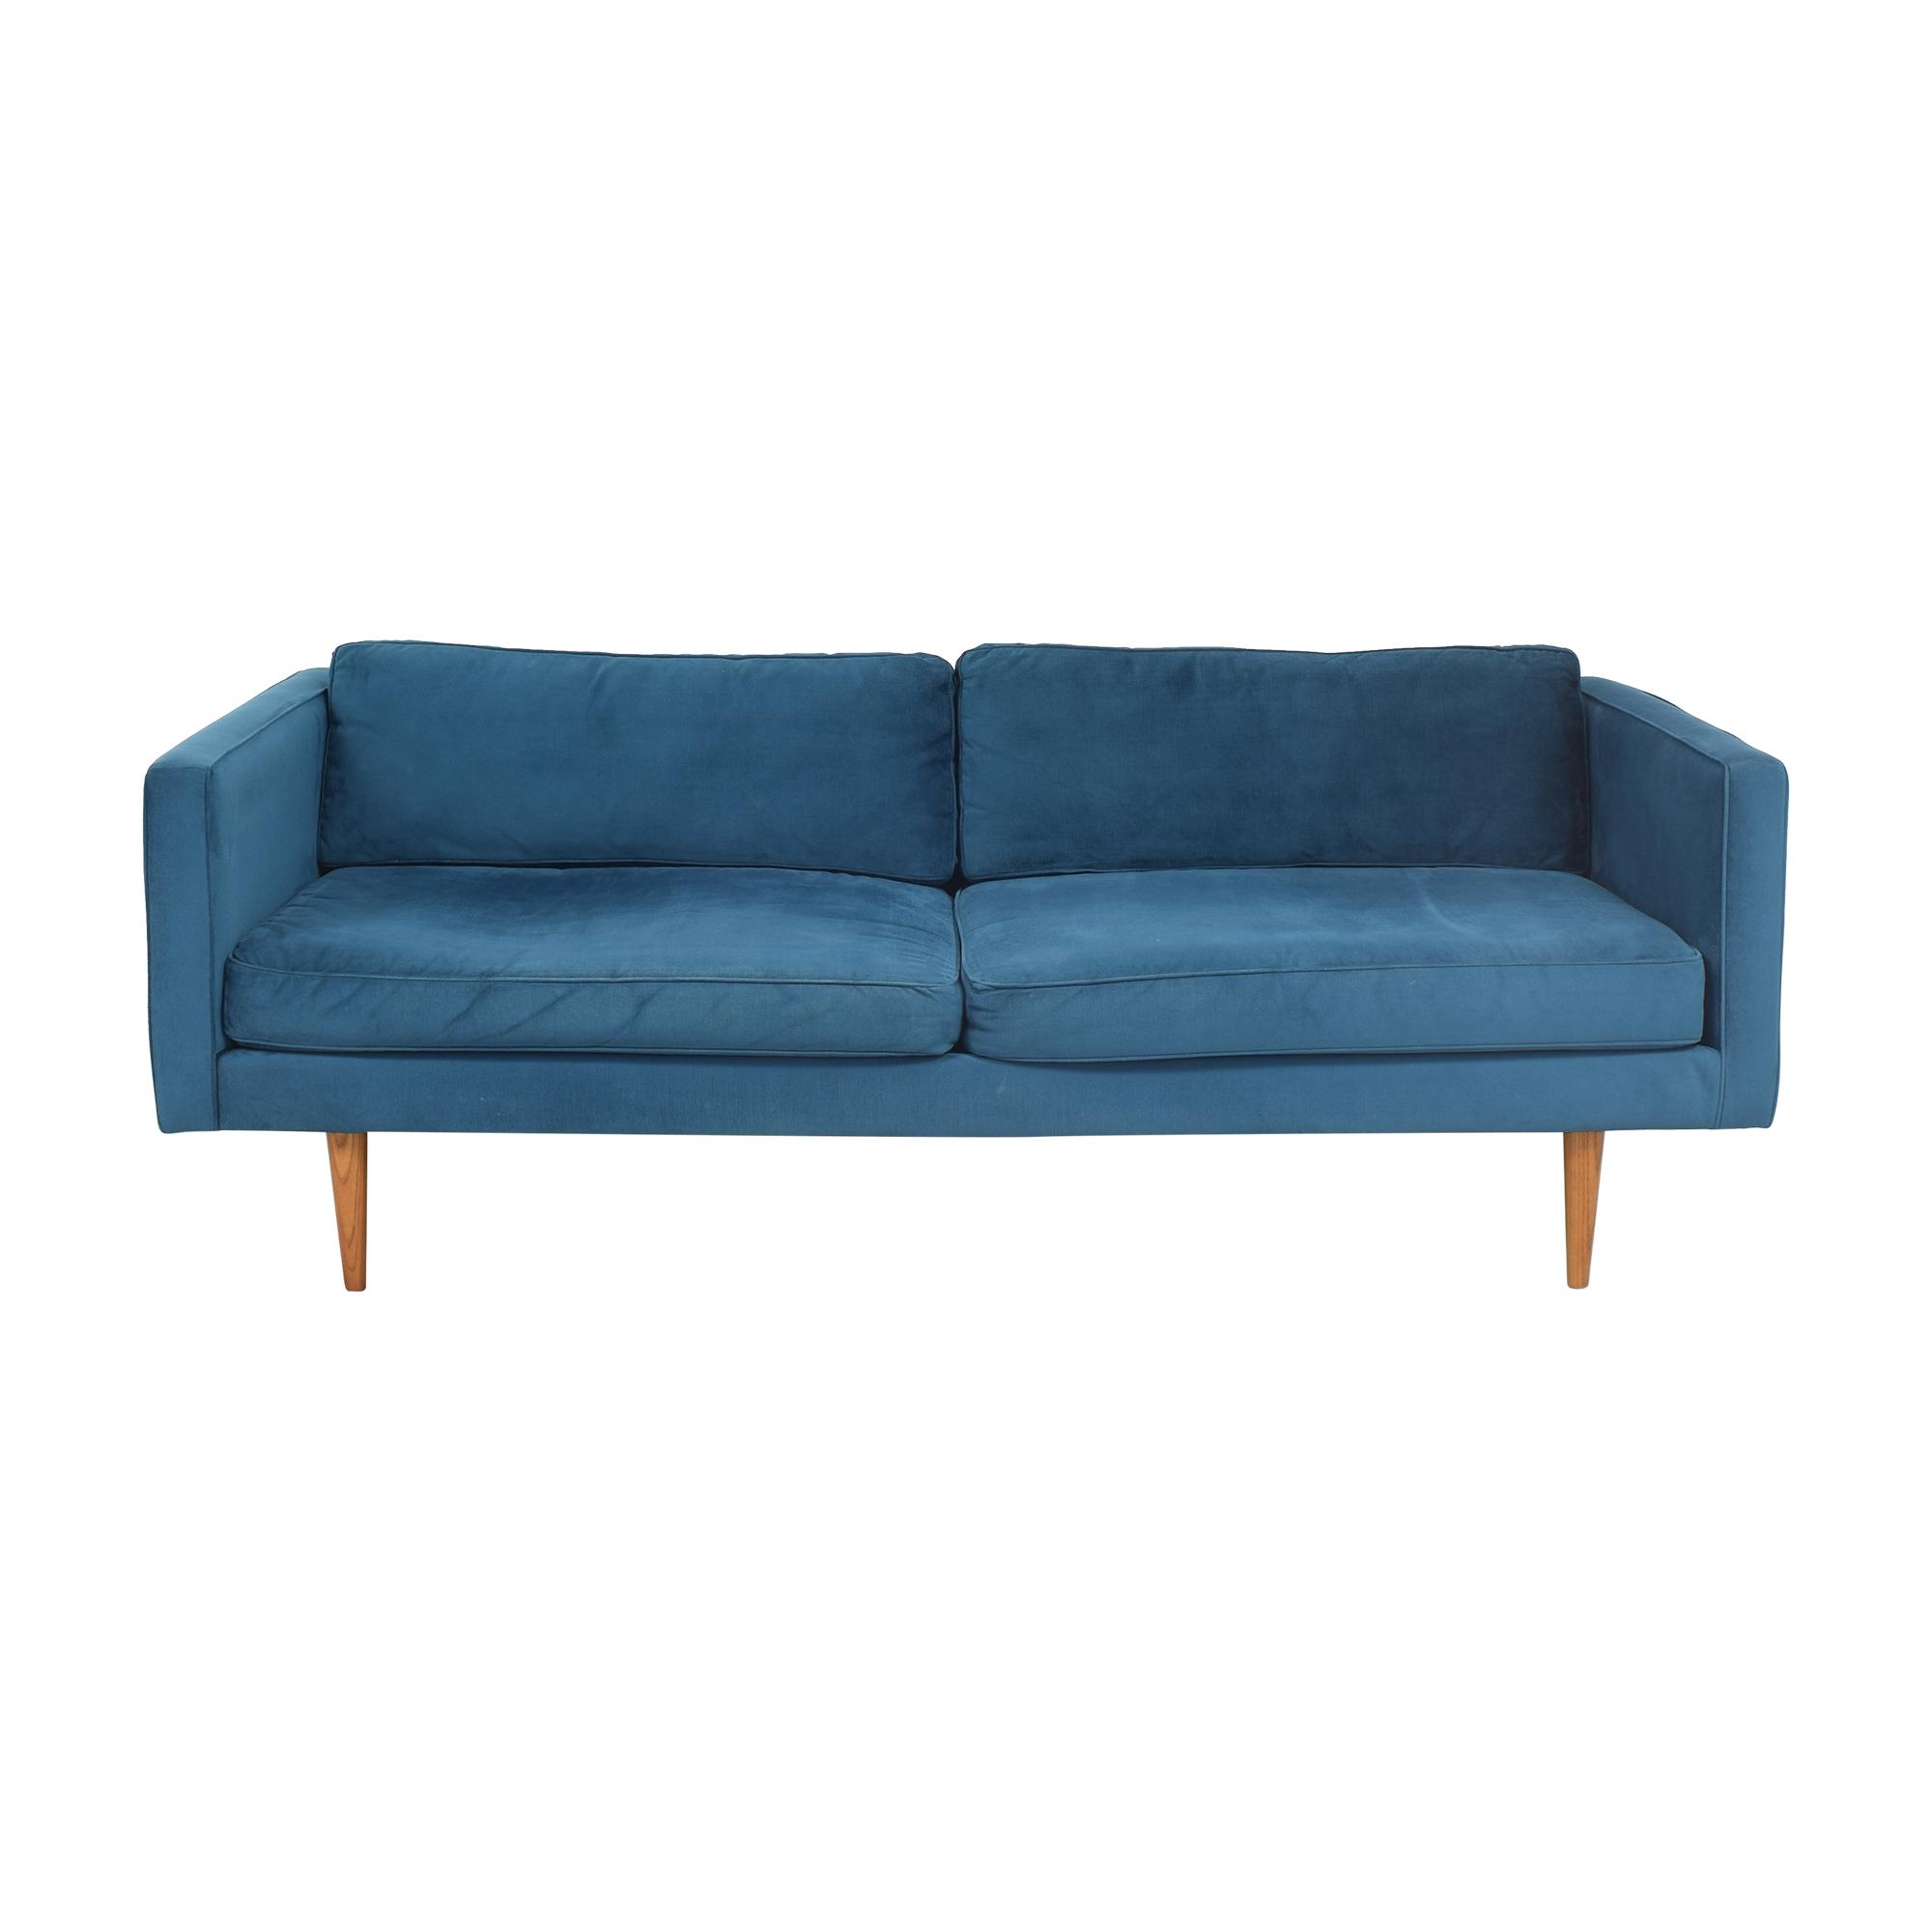 West Elm Monroe Mid Century Sofa sale